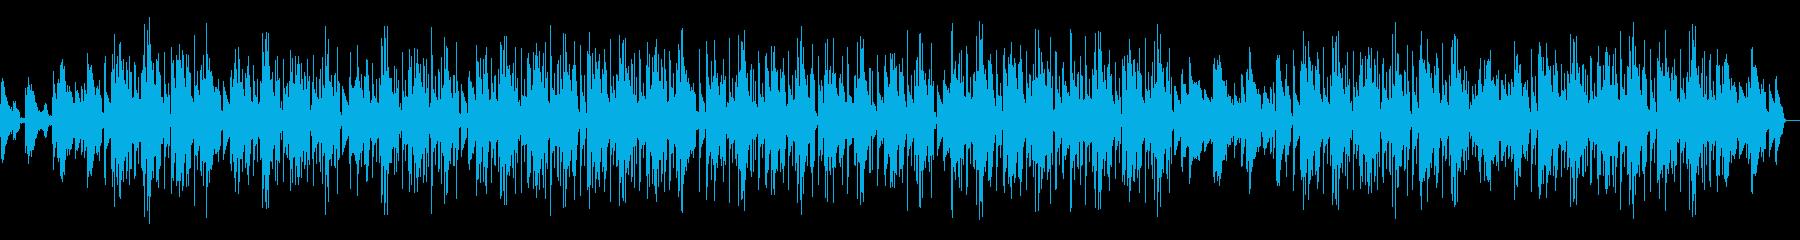 バックグラウンドミュージックの再生済みの波形